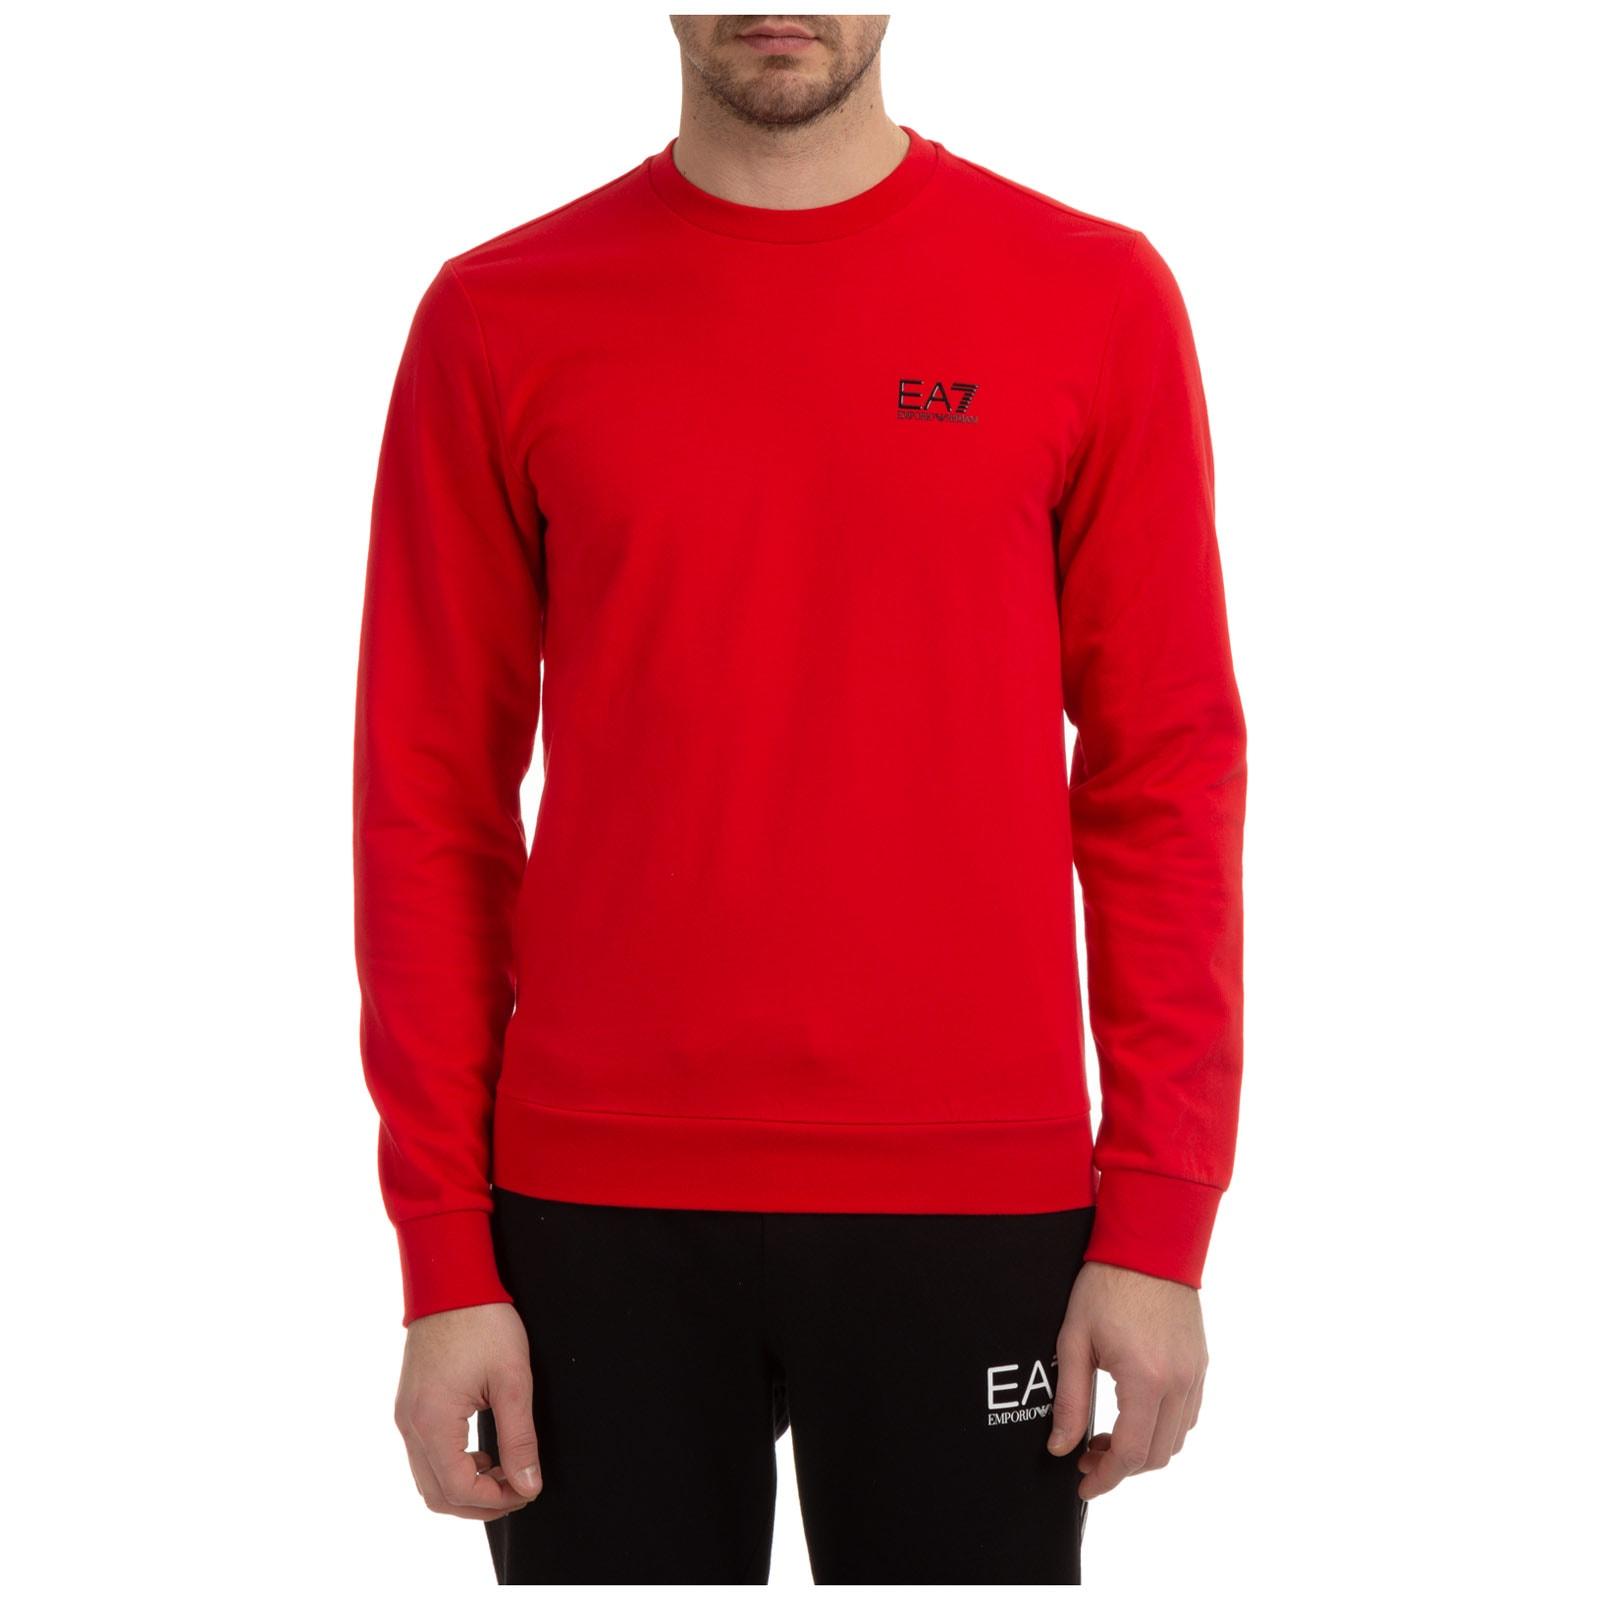 Emporio Armani Ea7 Ventus 7 Sweatshirt